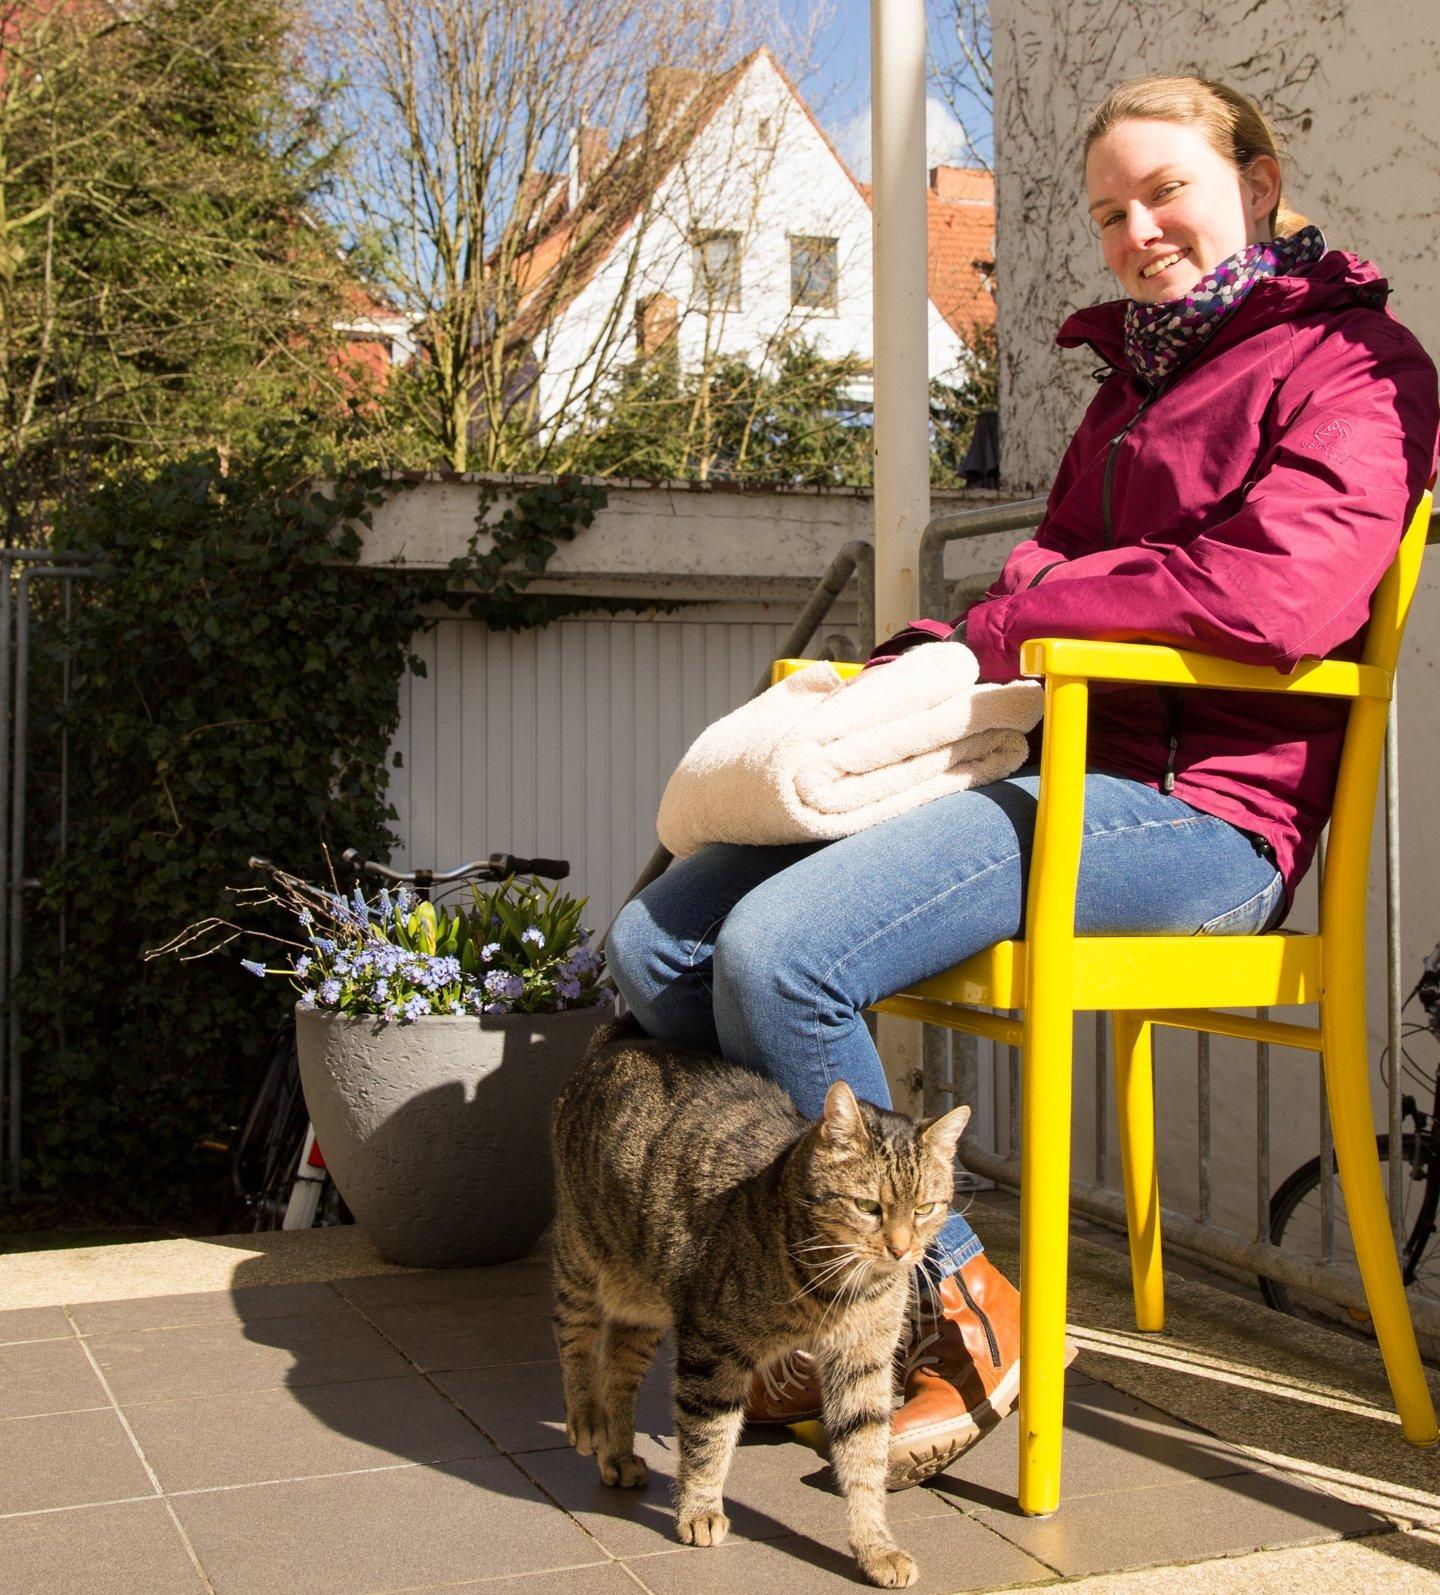 Platz an der Sonne: Bei schönem Wetter können die Patienten auch draußen warten - Foto: Anna Bless